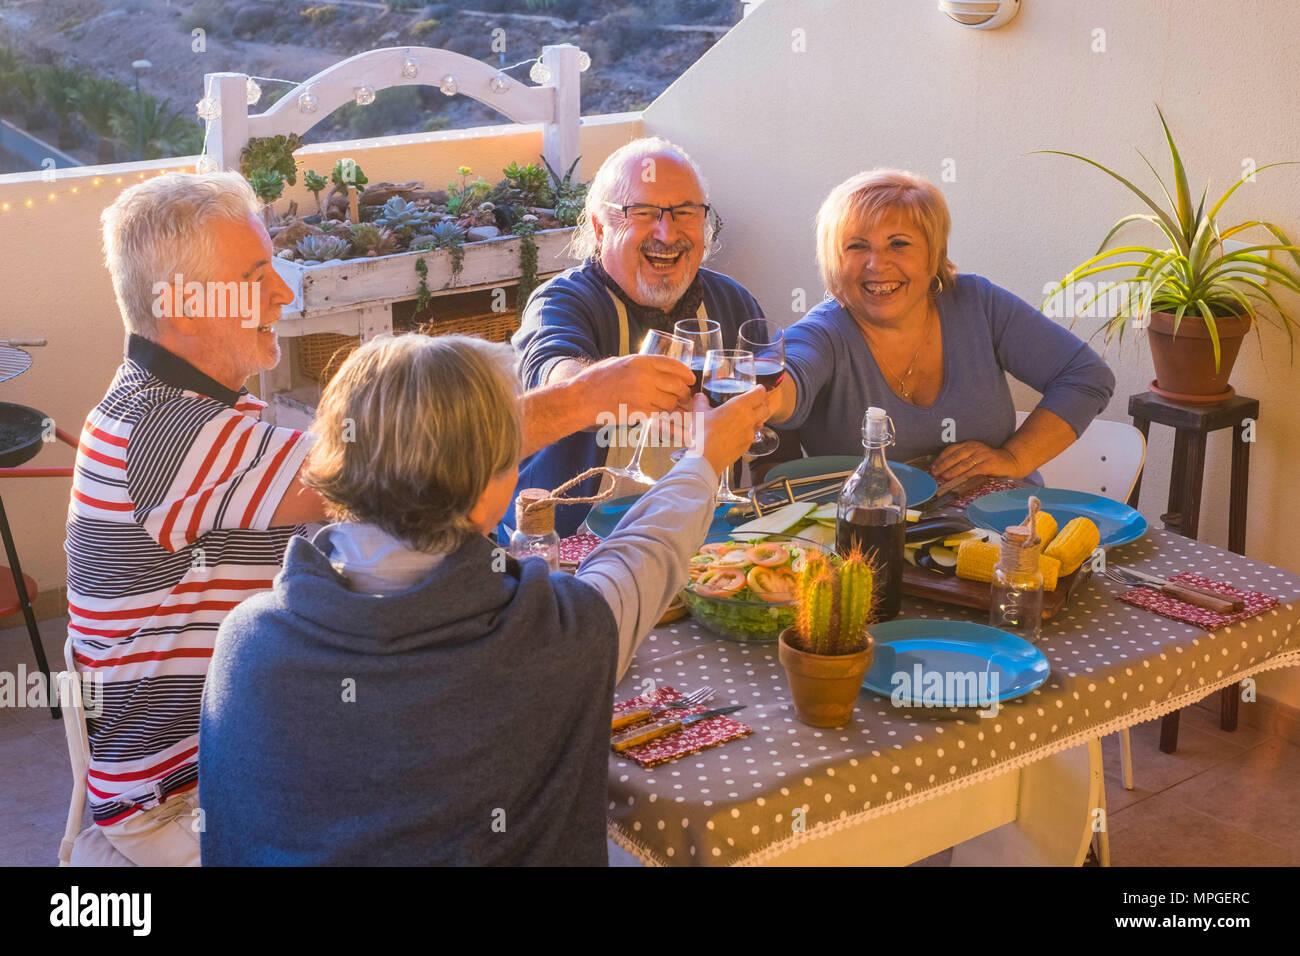 Groupe de personnes adultes ayant bon dîner en plein air la terrasse. Profitez de l'amitié avec le temps ensemble et célébrer l'alcool ou à la retraite de vacances c Photo Stock